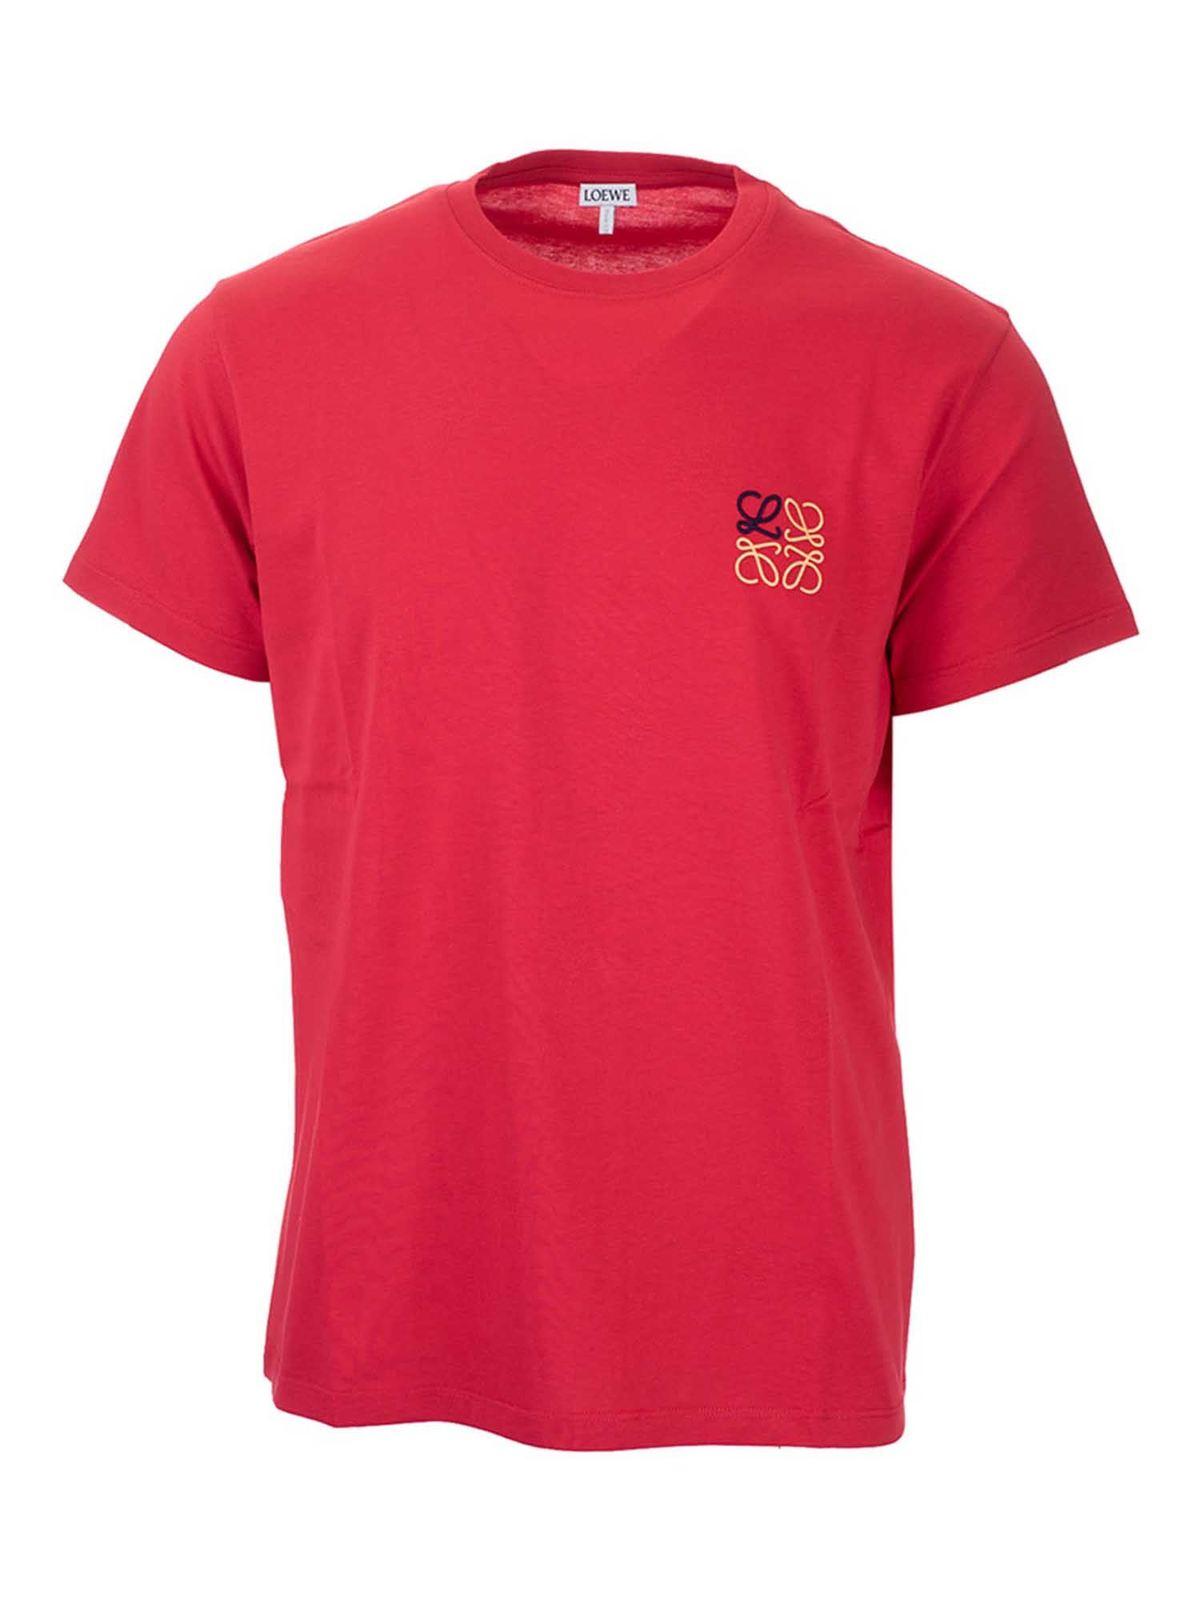 LOEWE ANAGRAM LOGO T-SHIRT IN RED